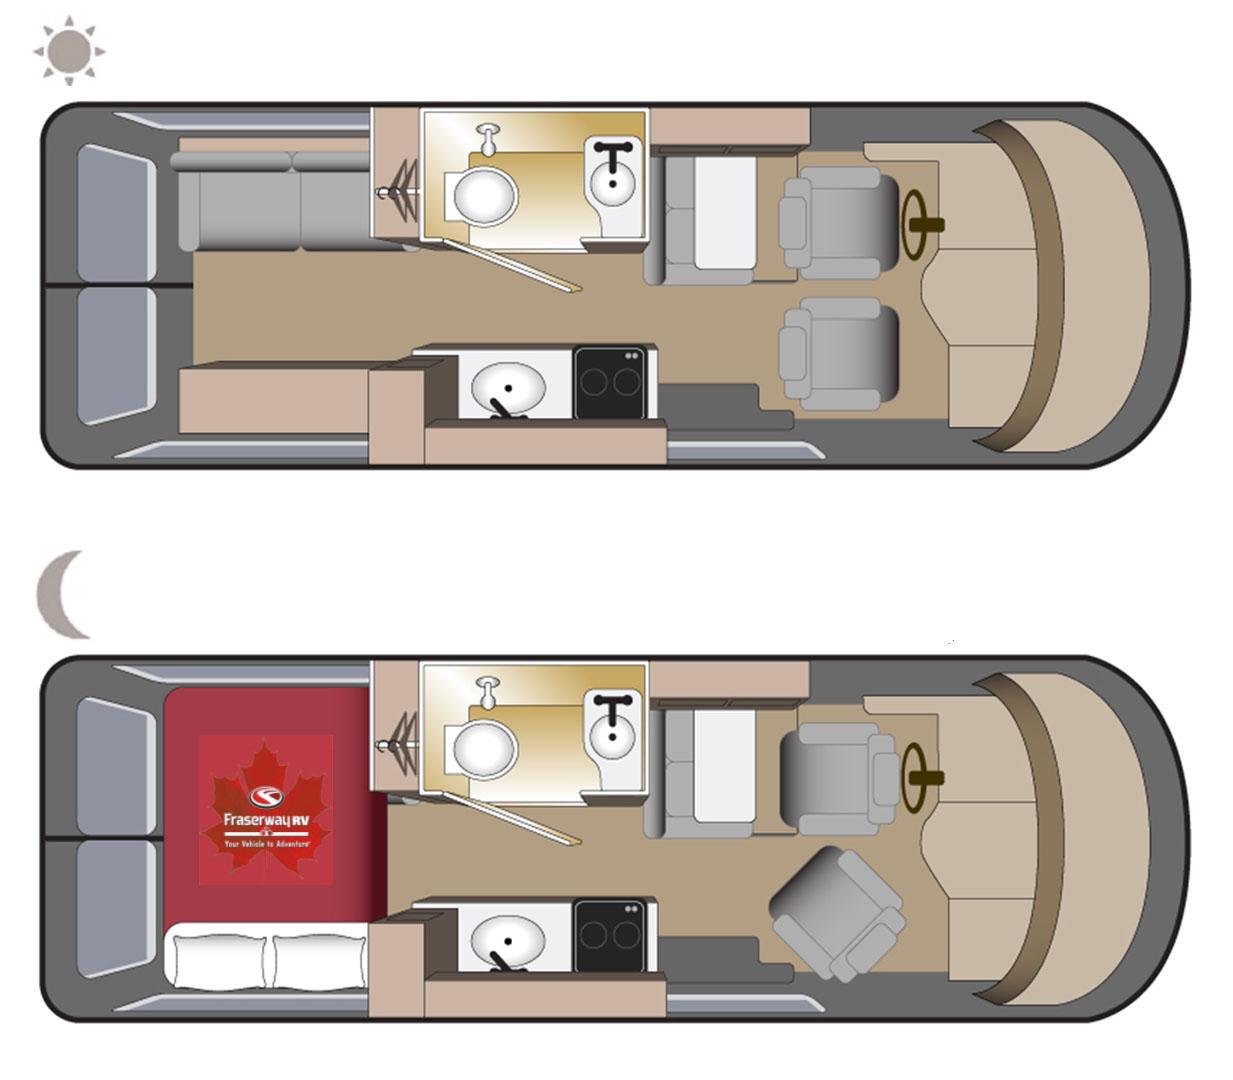 Fraserway Van Conversion floorplan